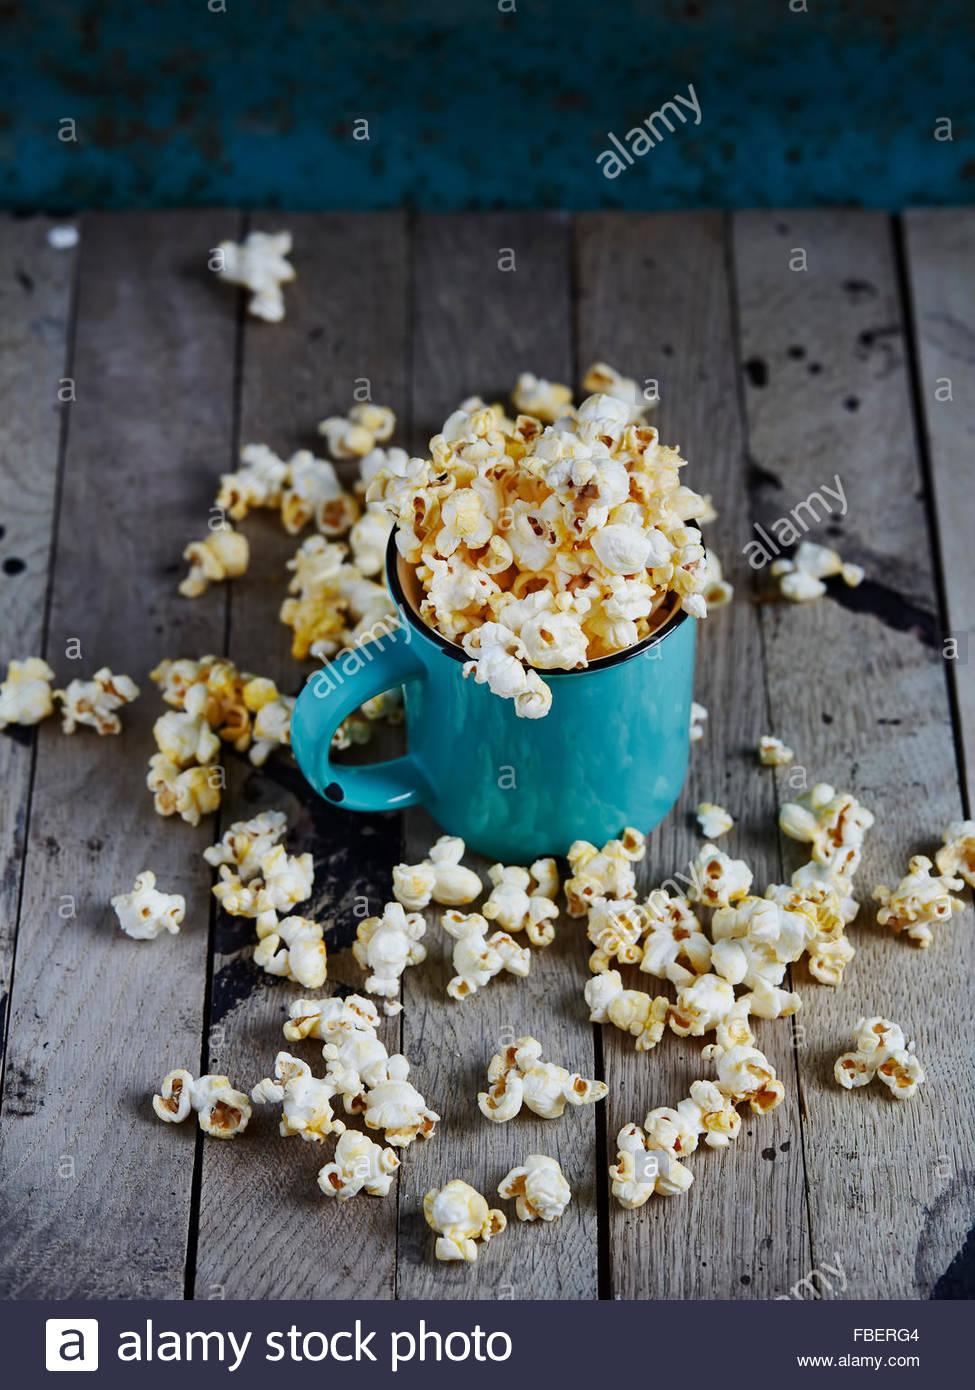 Mint taza llena de palomitas de maíz Foto de stock